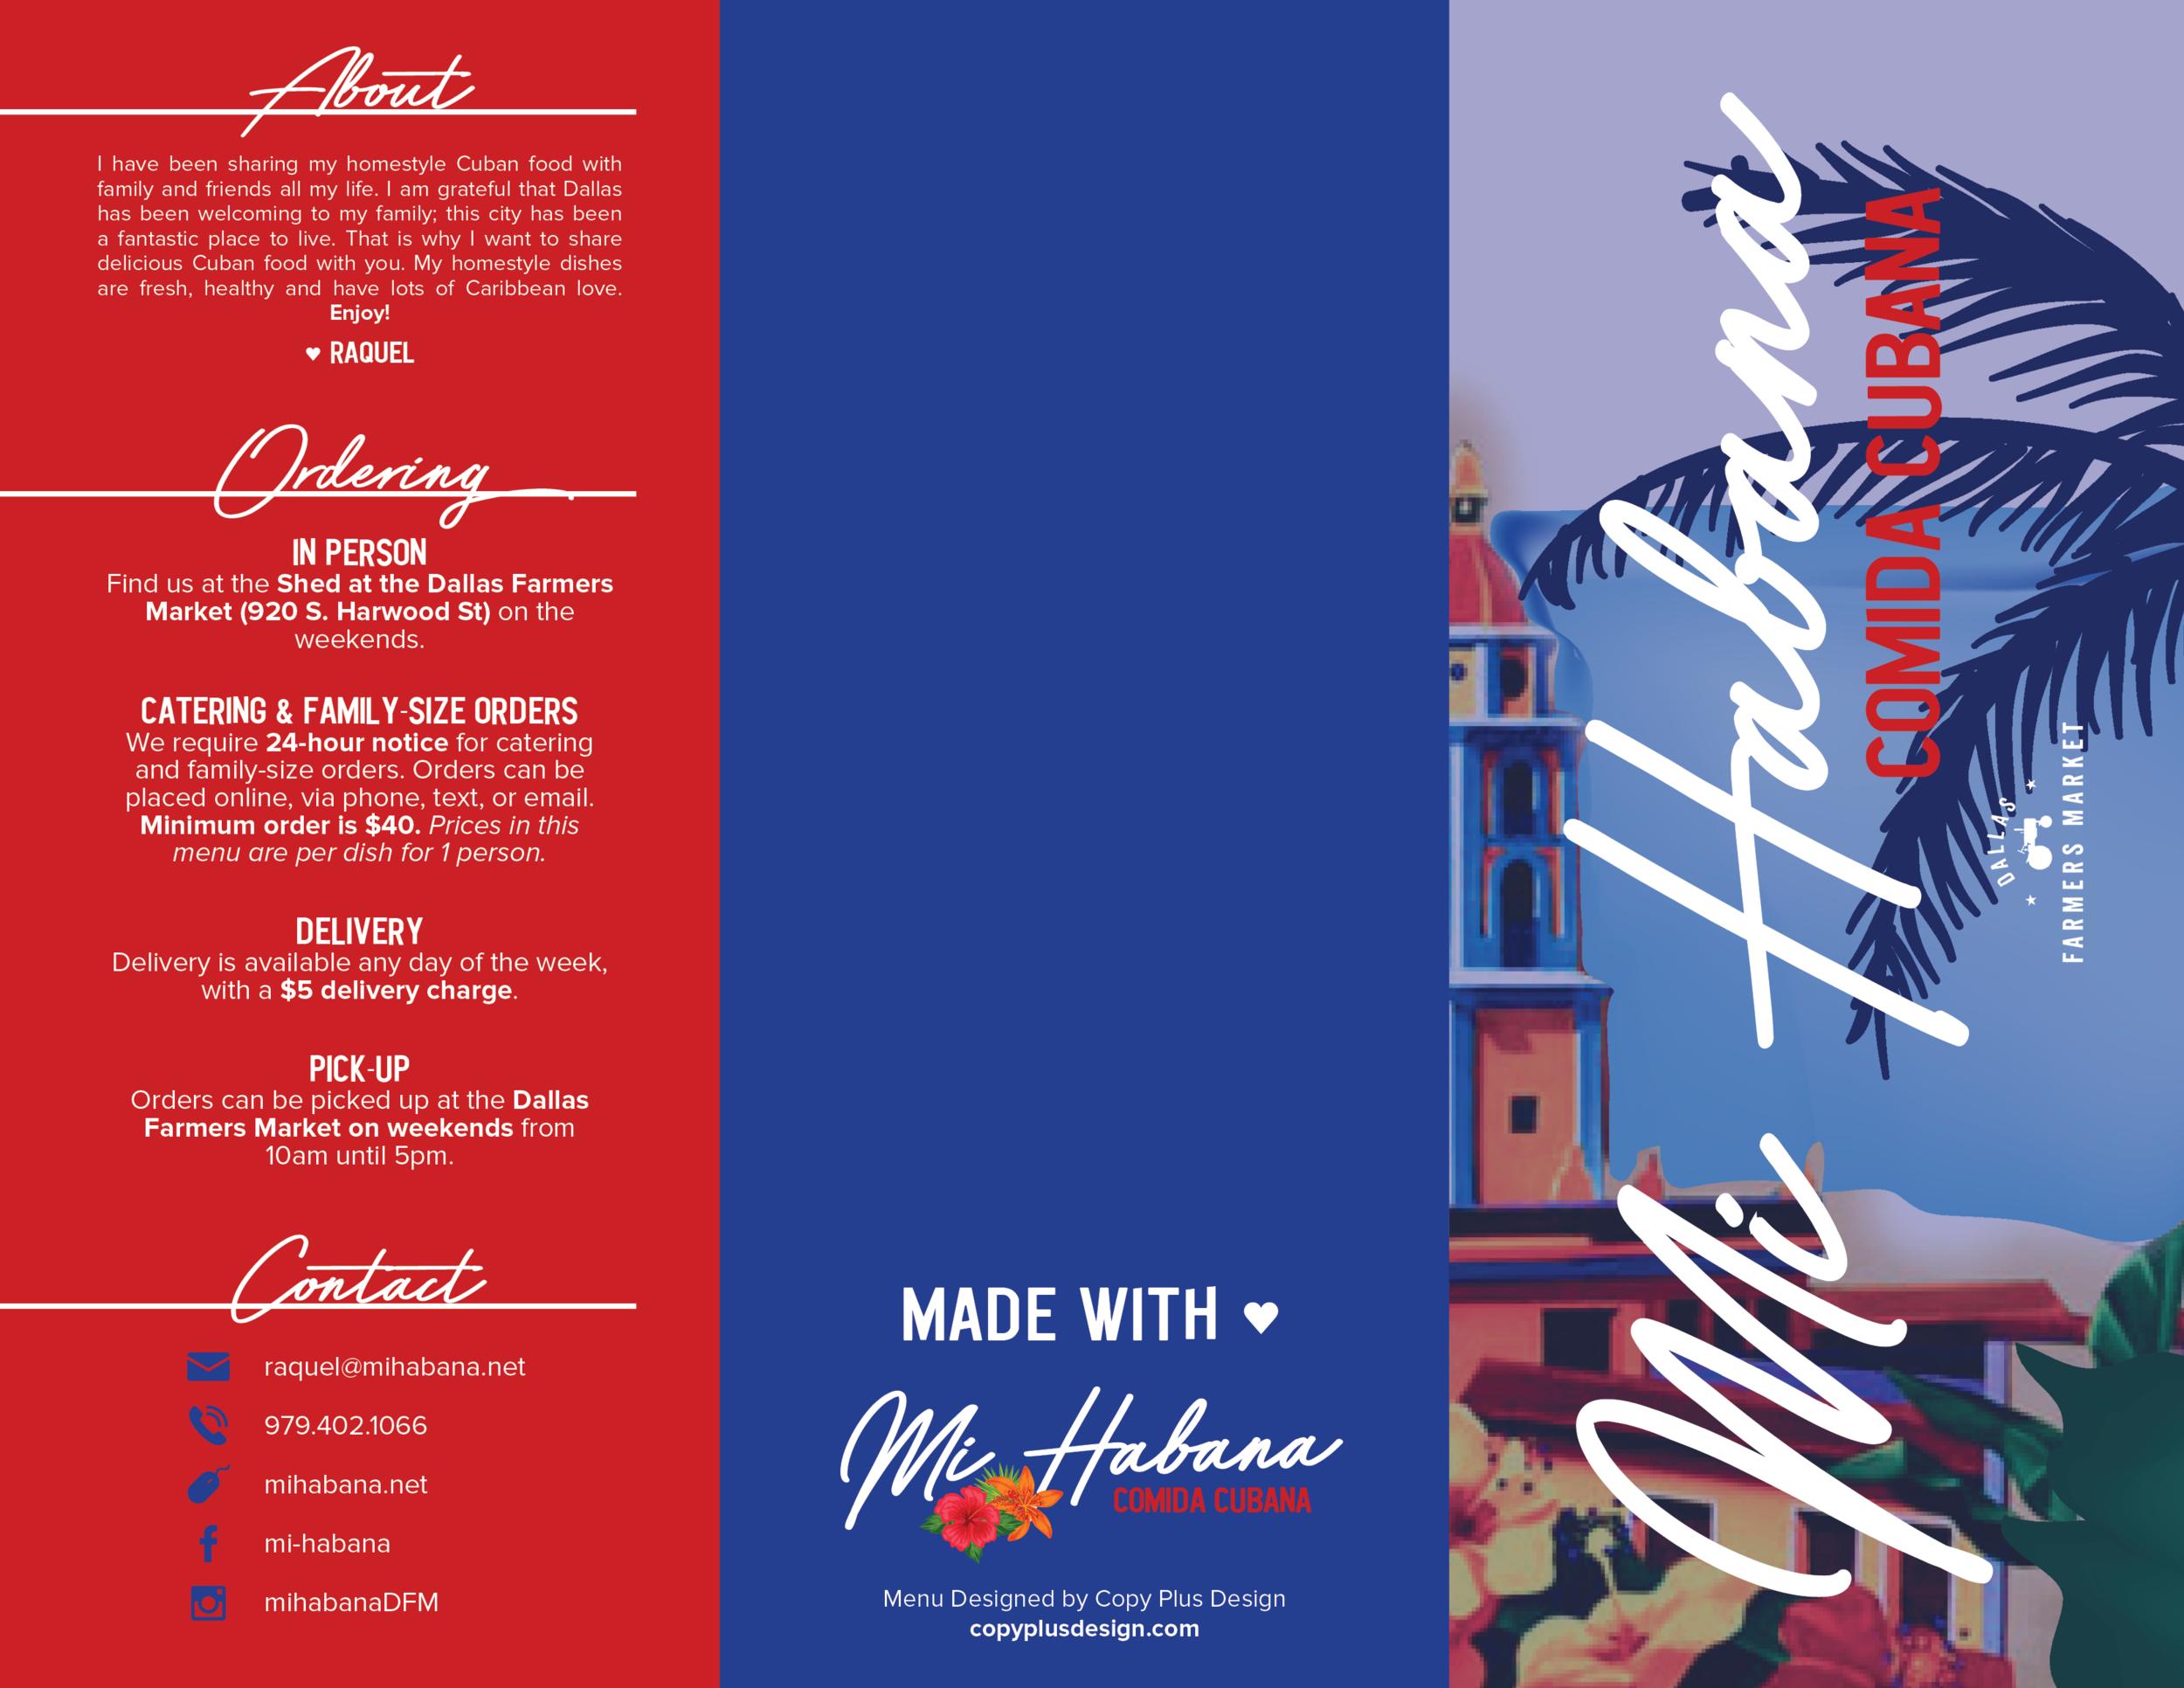 2017 Mi Habana Menu - v6 - PRINT.png